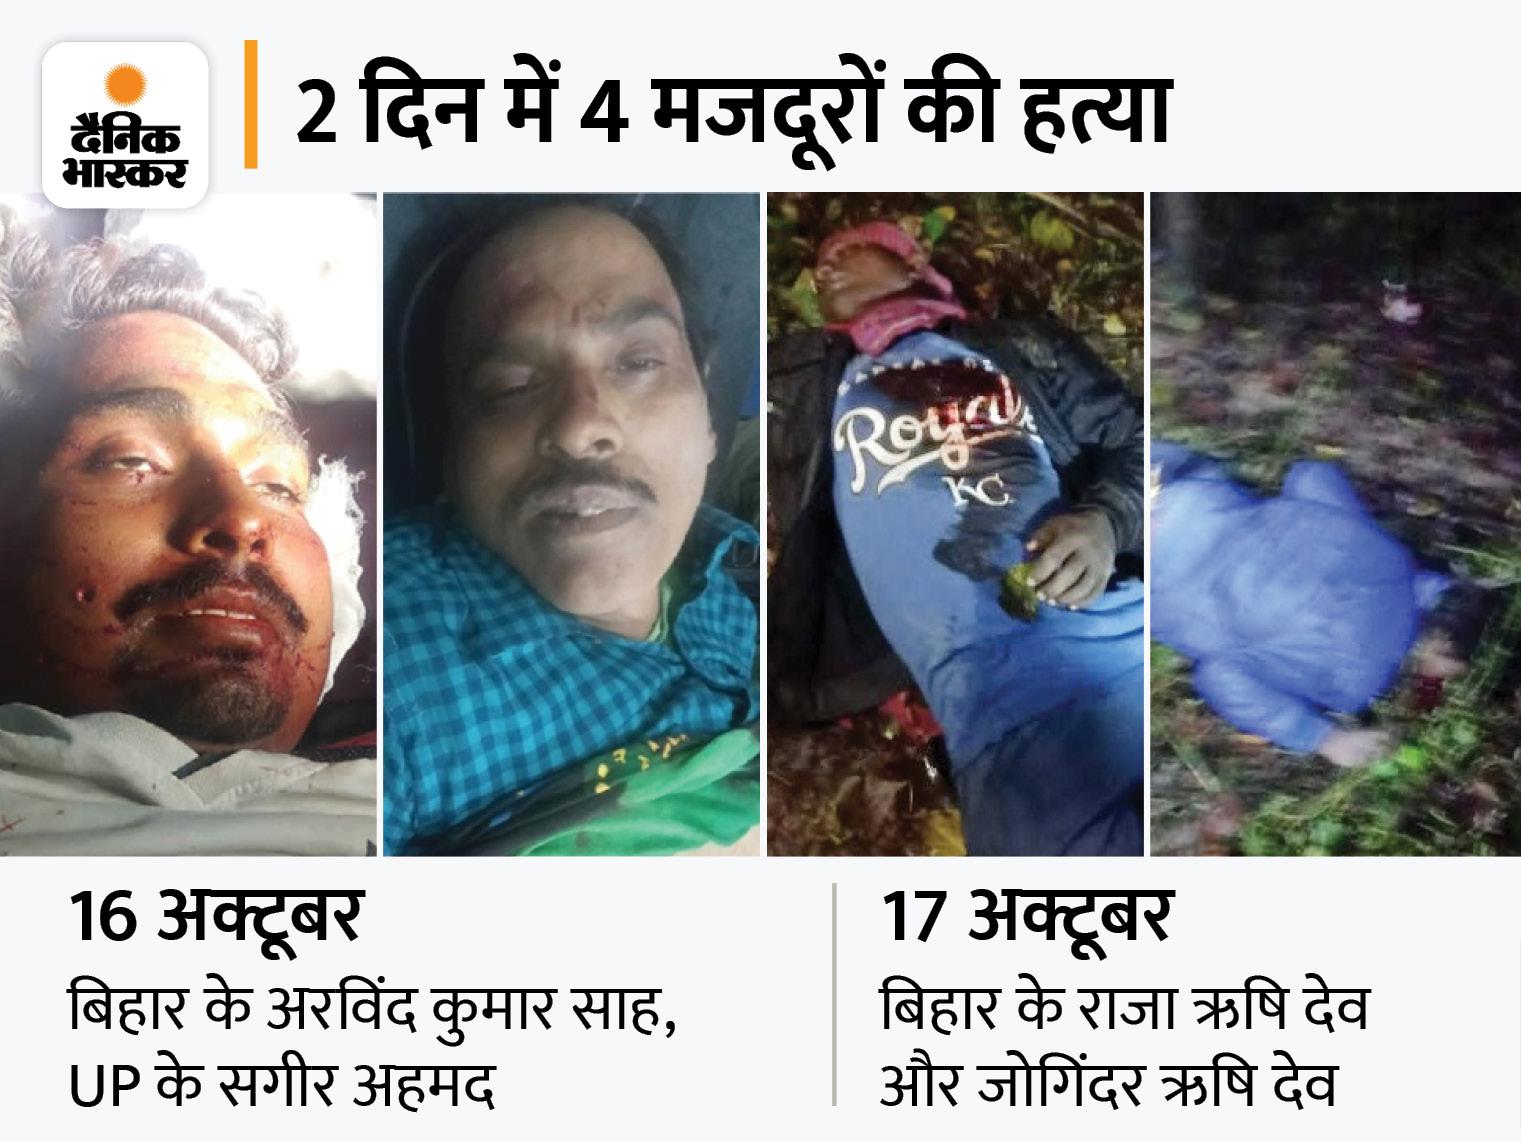 गैर-कश्मीरियों पर आतंकी हमलों के बाद बदला माहौल, मजदूरों ने बताया वहां हालात डरावने|देश,National - Dainik Bhaskar